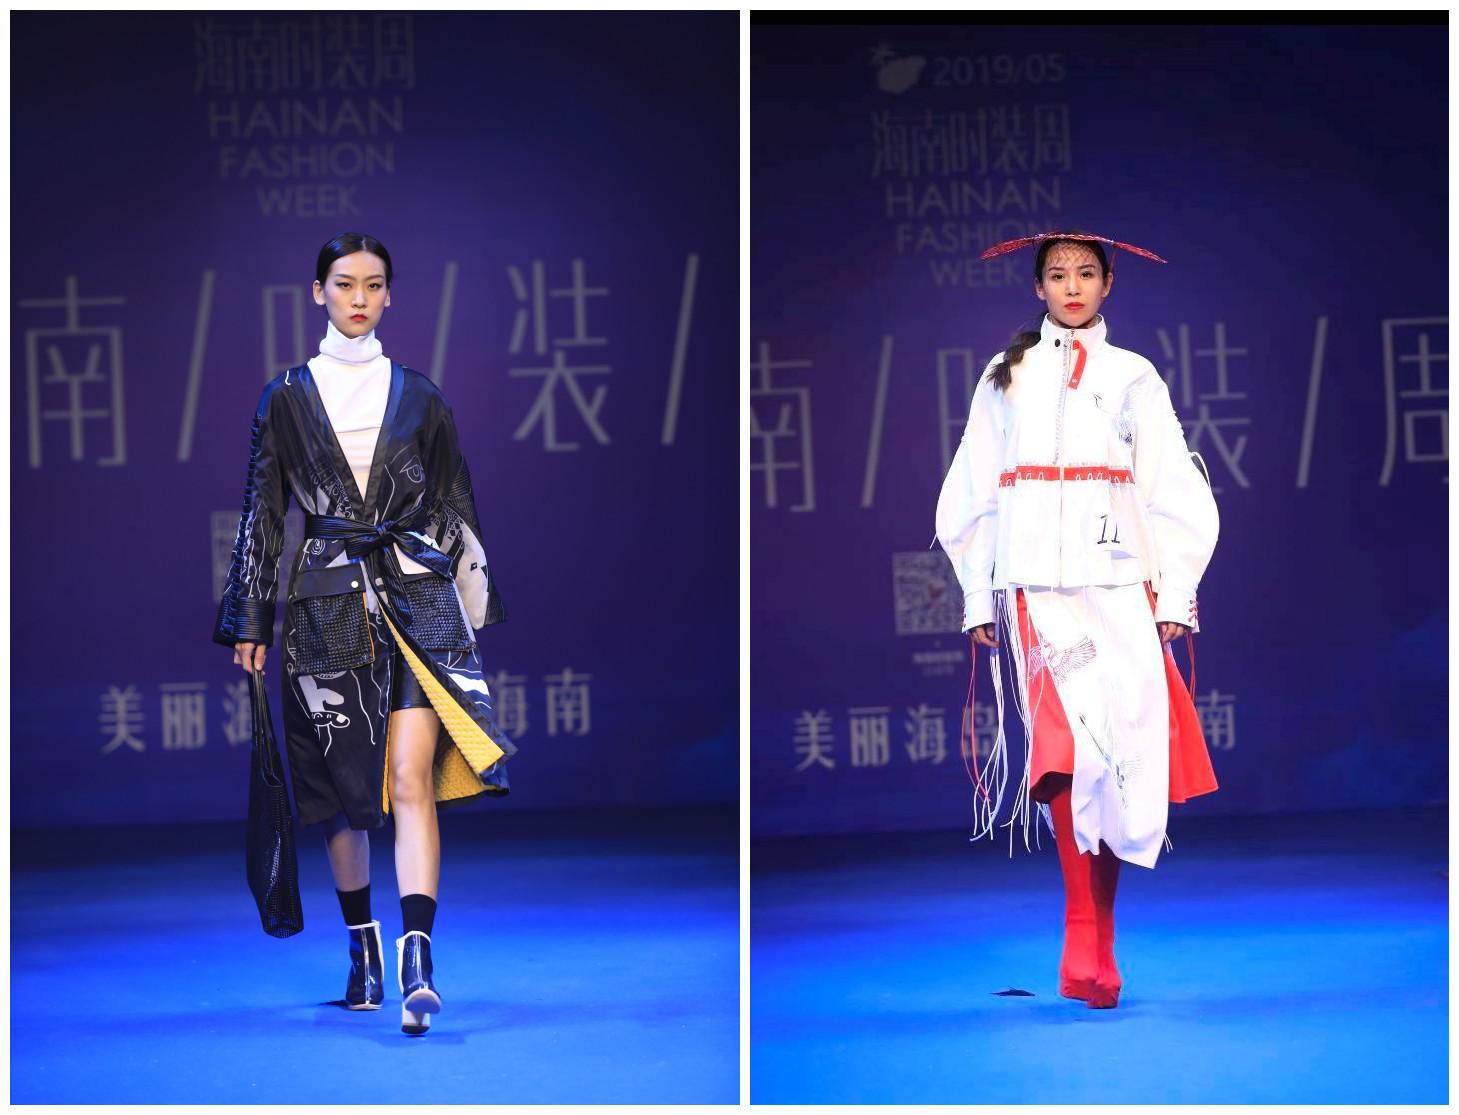 美术学院参加首届海南时装周获佳绩